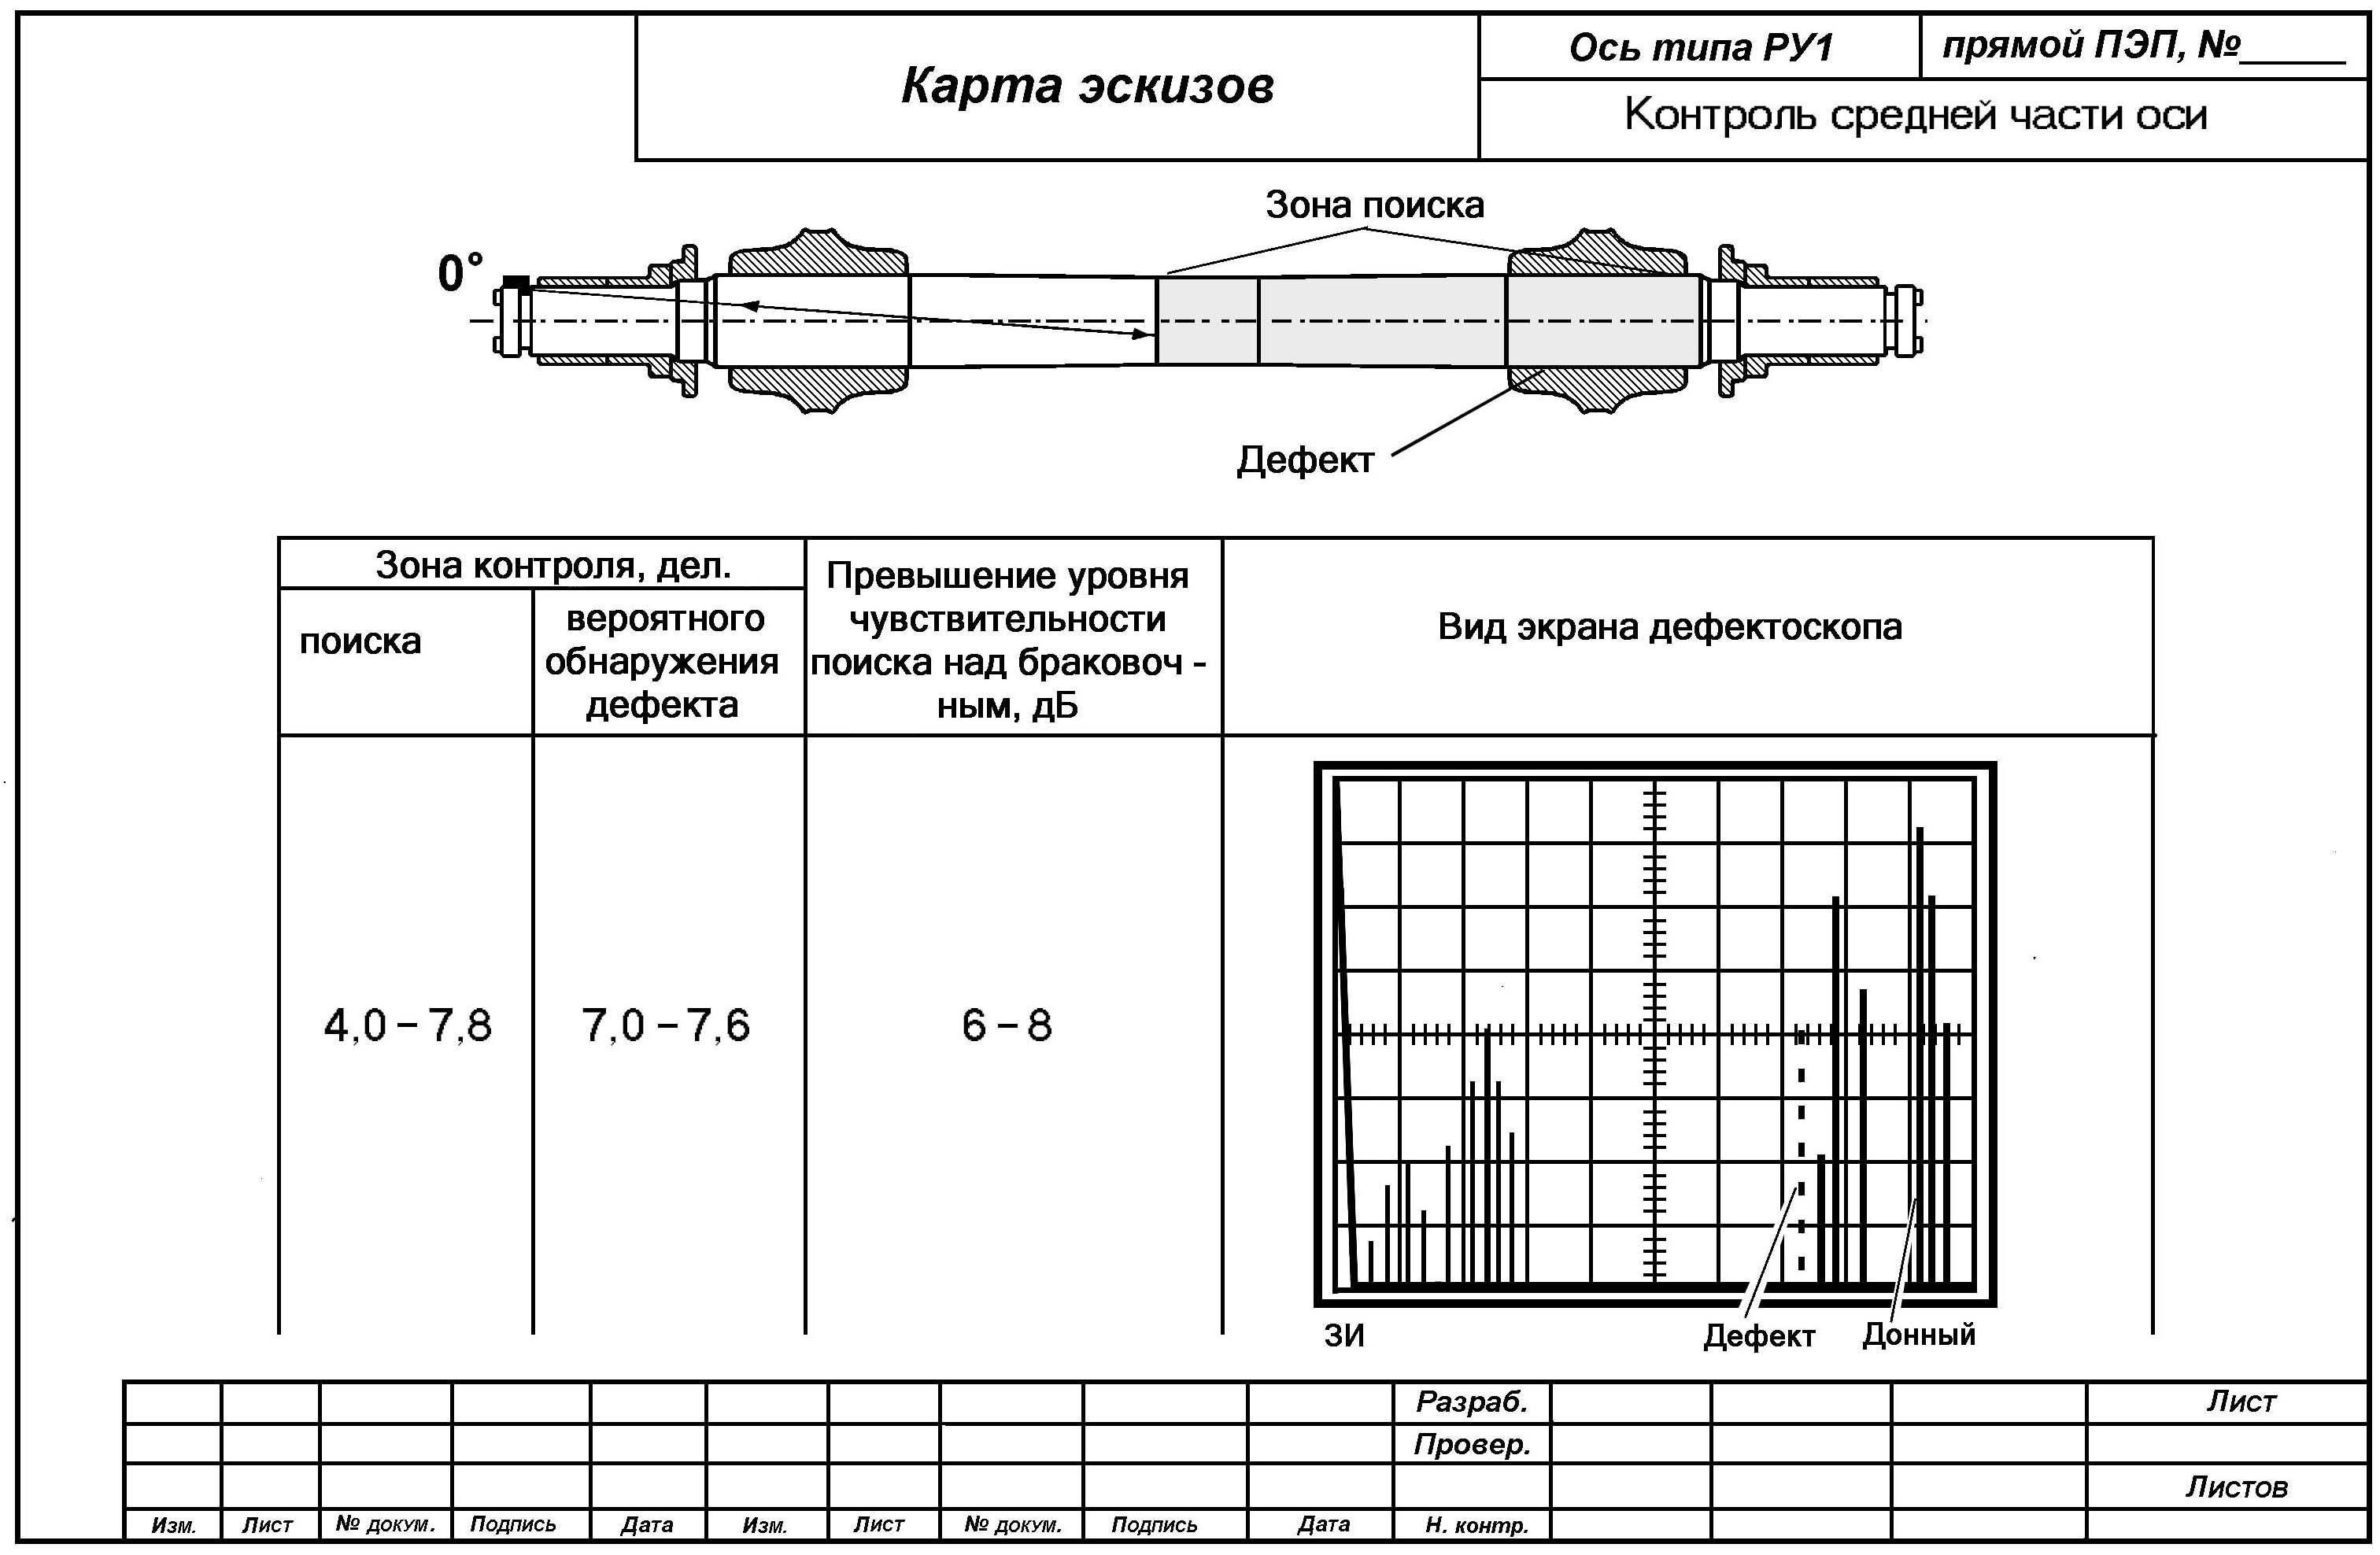 инструкция по ремонту и эксплуатации электровоза чс8